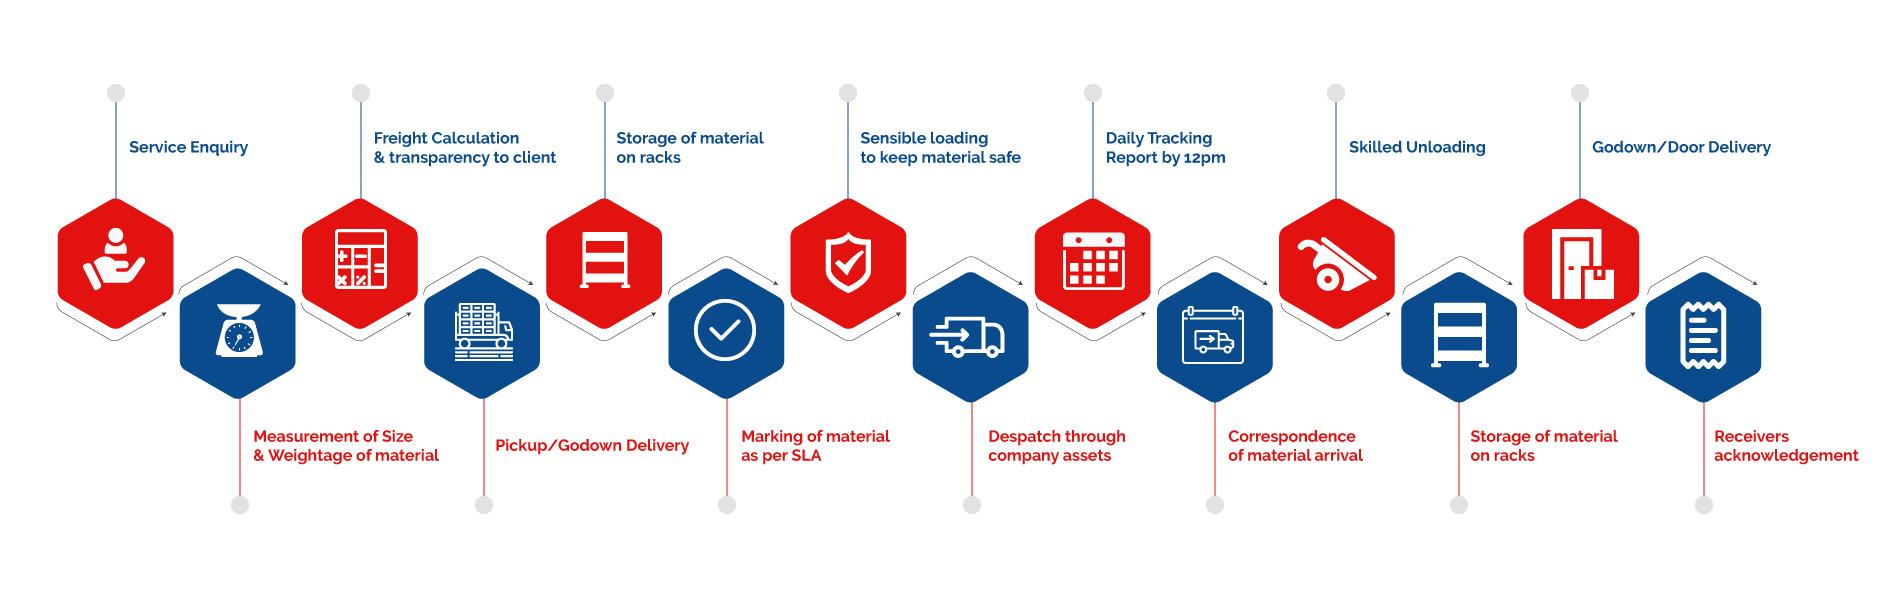 general-PTL-service-processes